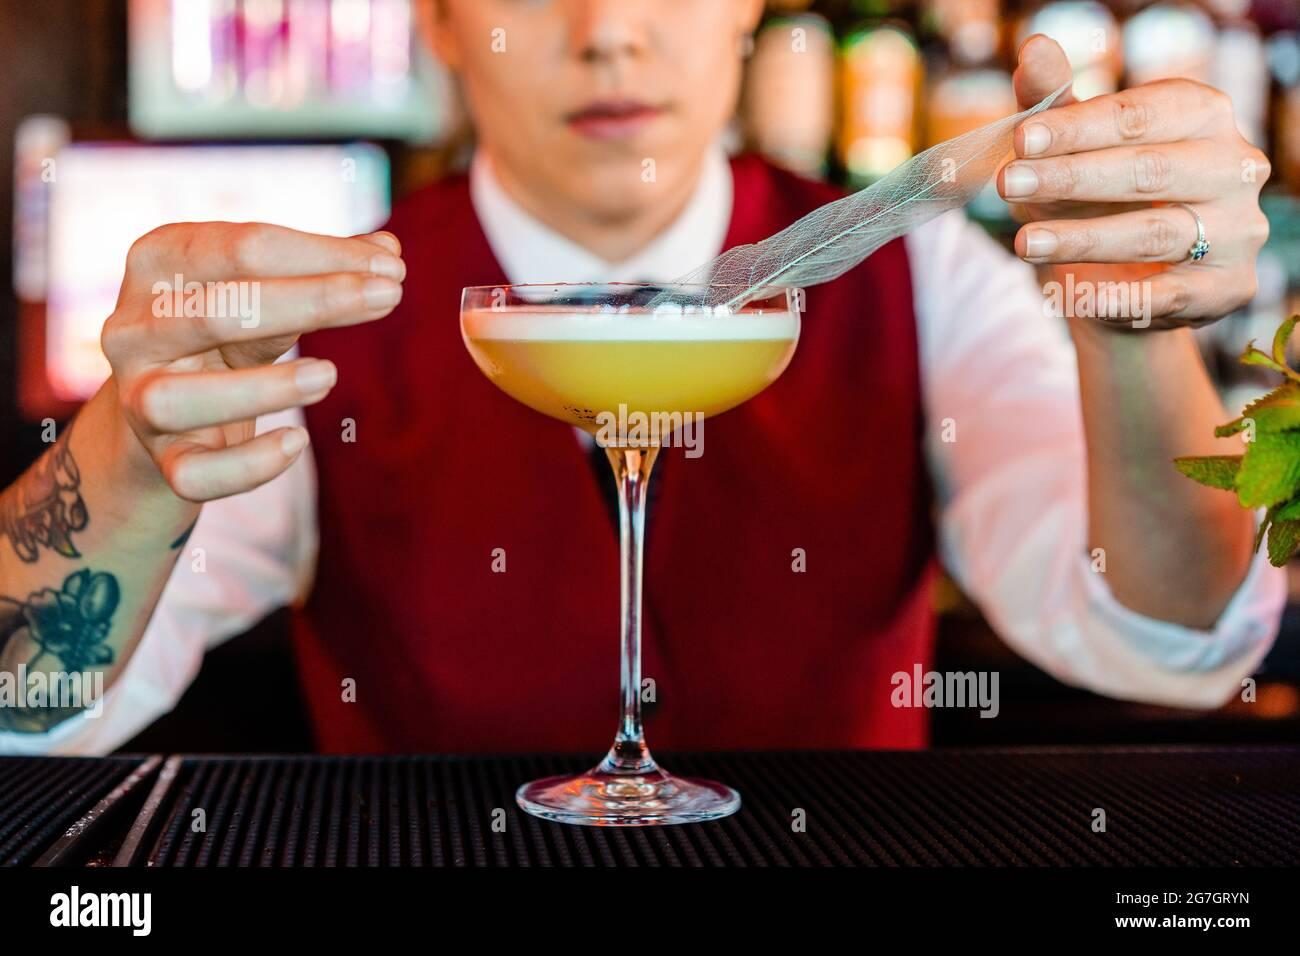 Anonyme professionnelle jeune femme barman décorant avec une plume tout en préparant le cocktail aigre au bar Banque D'Images